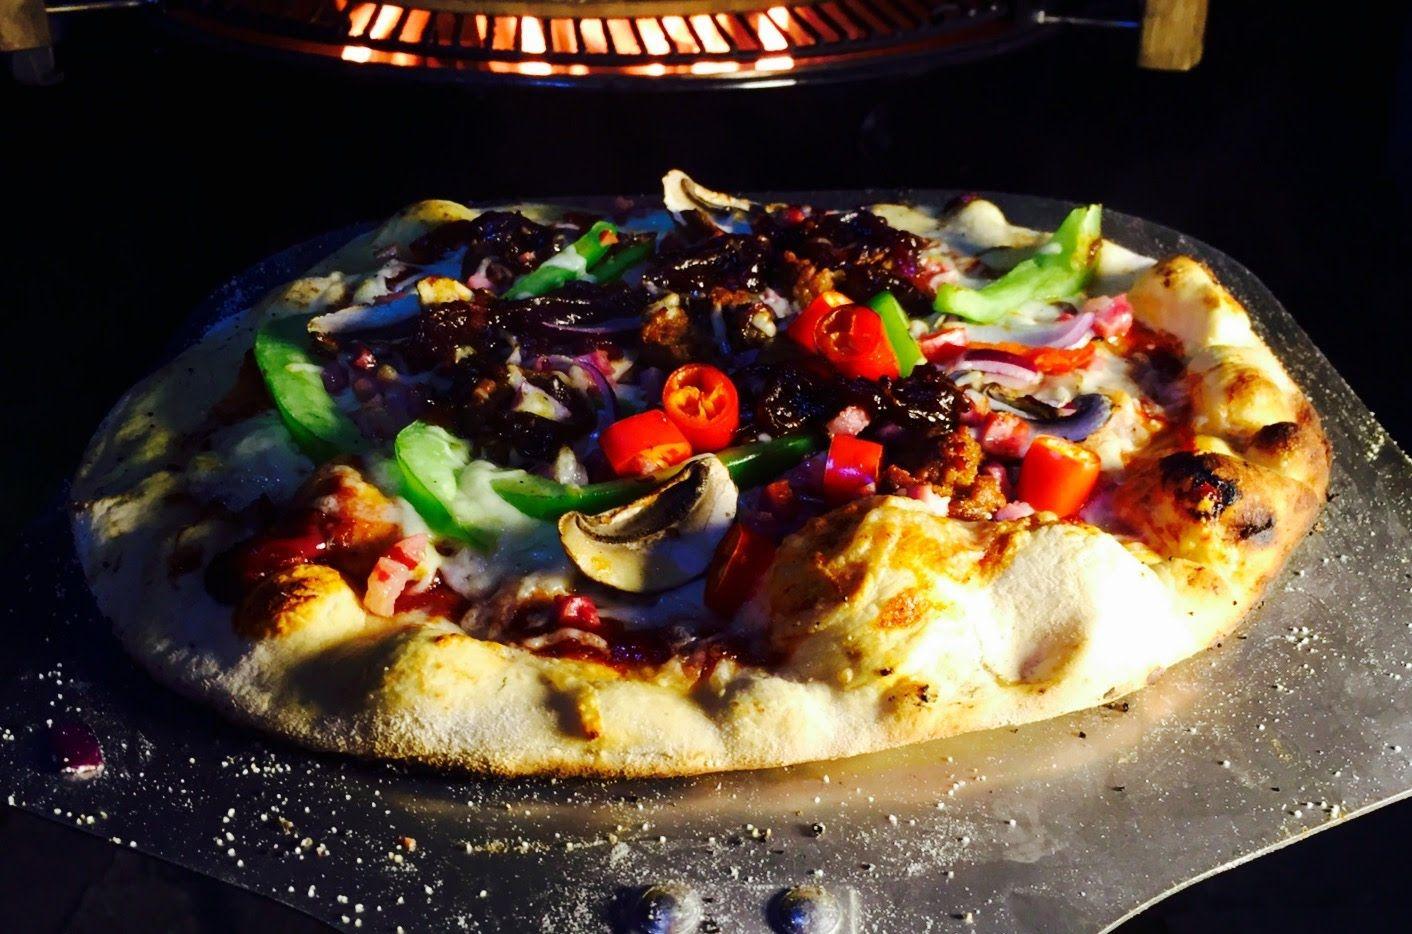 029 - Western BBQ Pizza, mit würzigen Fleischklößchen und selbstgemachter Sherry-BBQ- Sauce. #BBQ #Pizza #moesta bbq #westernstyle #tasty #Schwagers BBQ